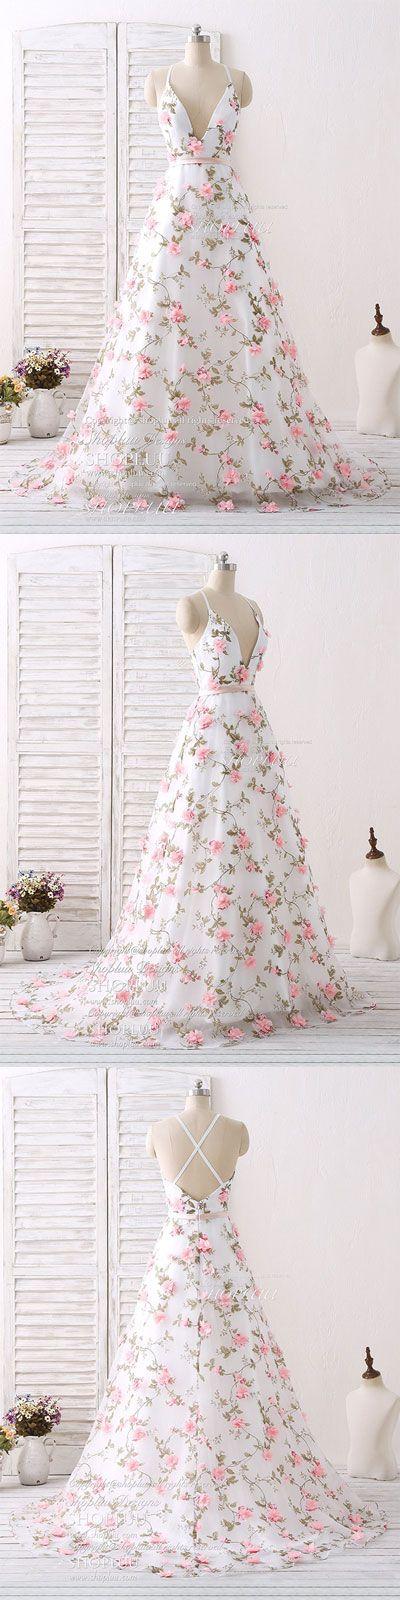 White v neck 3D applique tulle long prom dress white evening dress, white wedding party dress